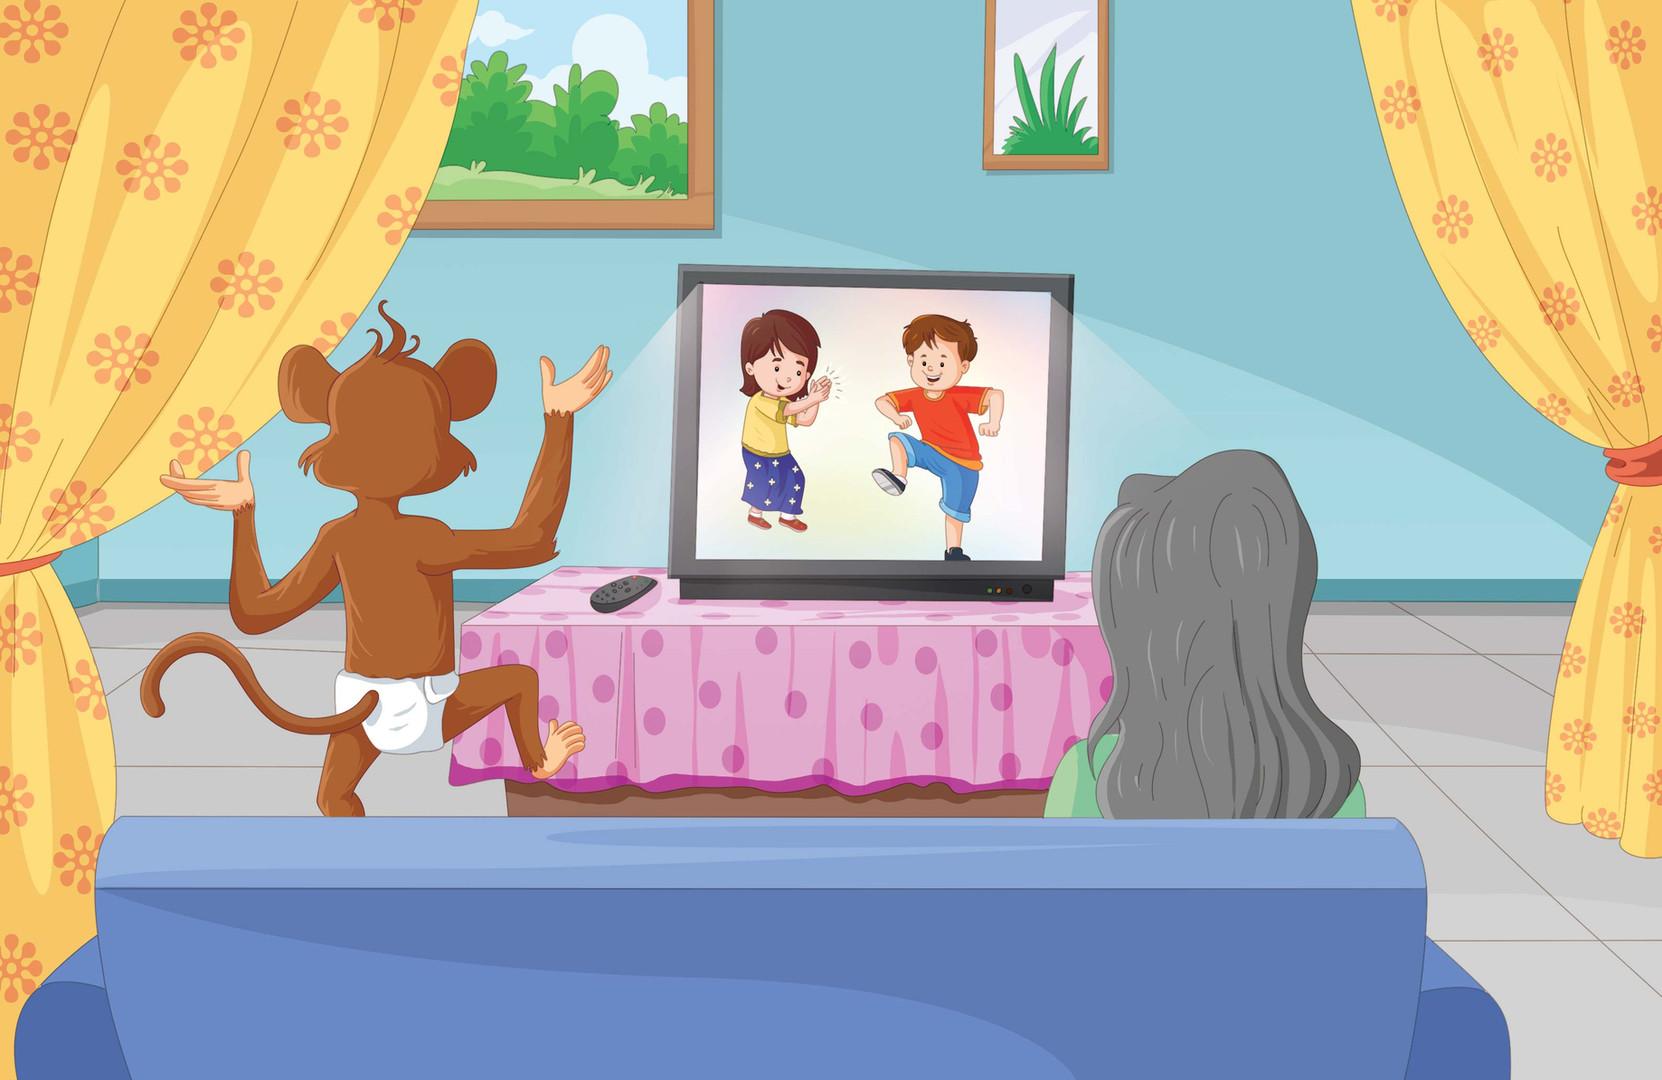 Granma watching TVc.jpg